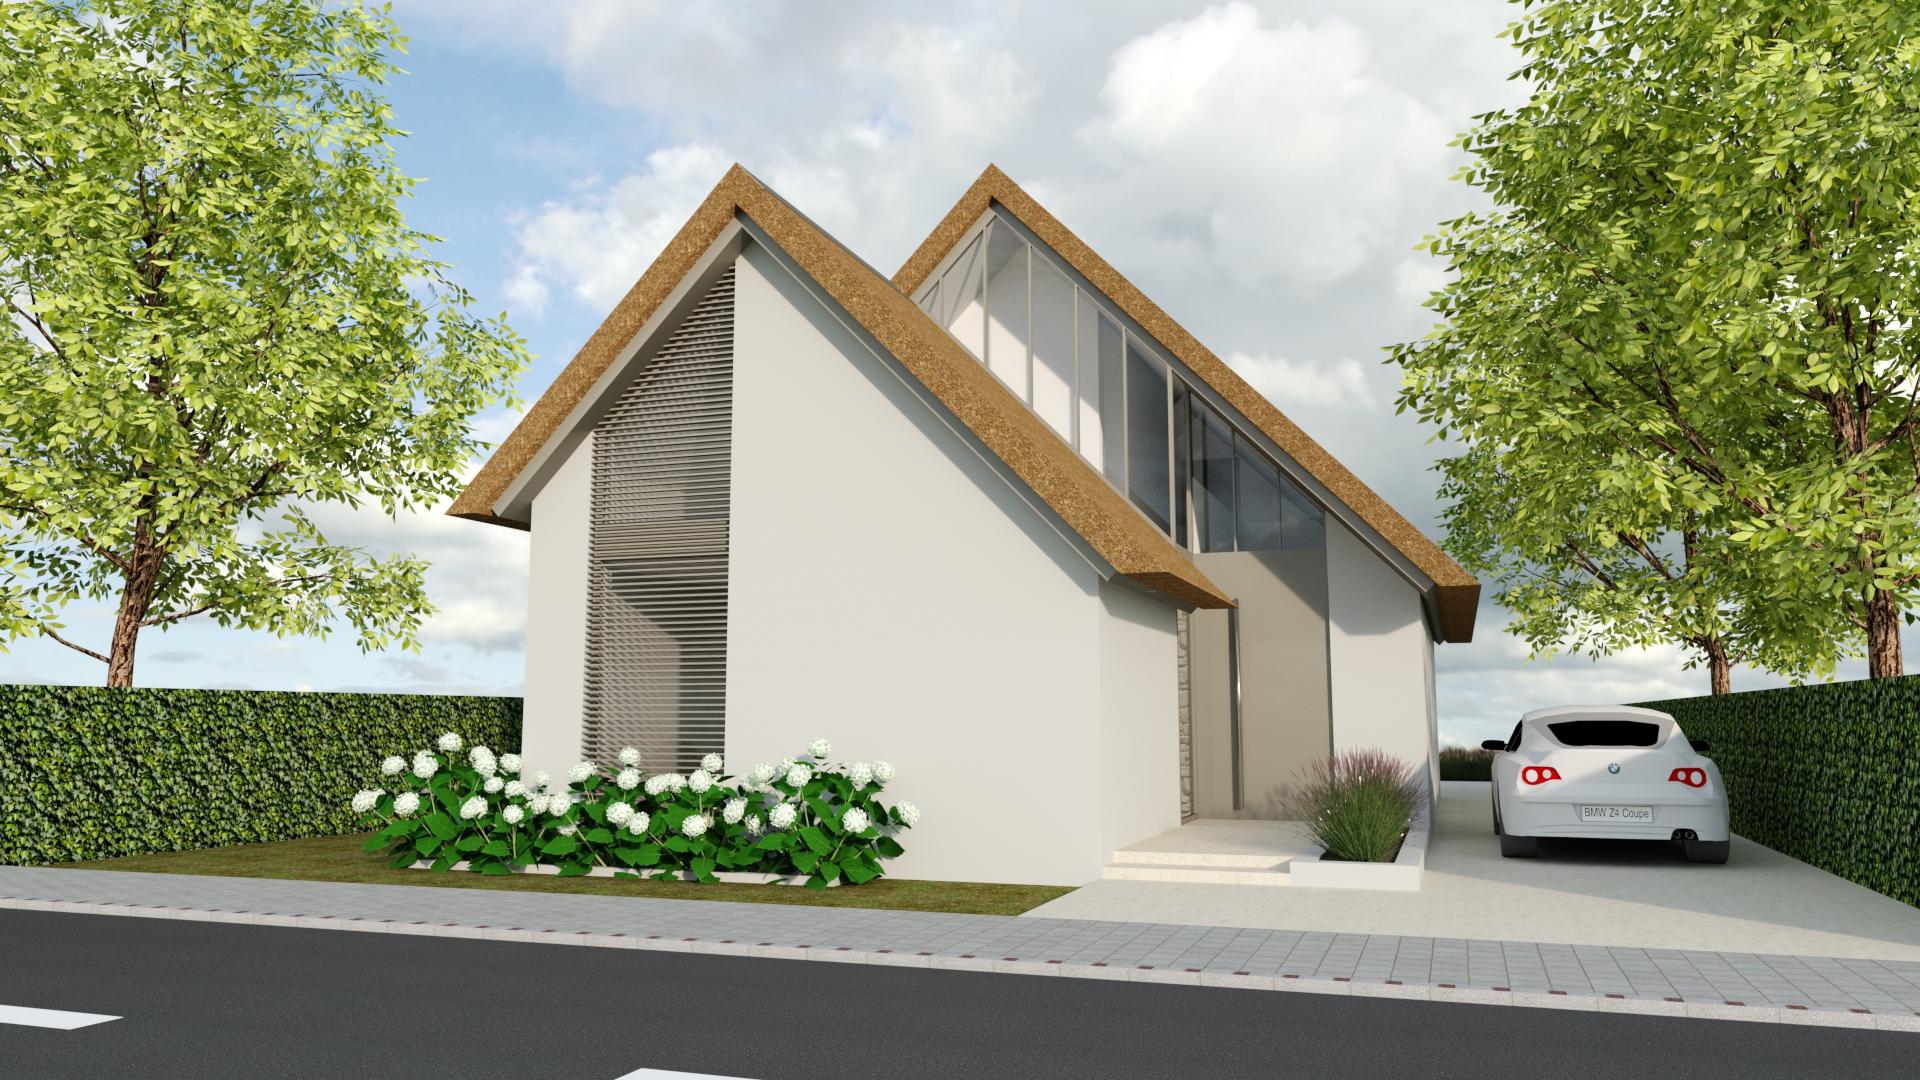 Ontwerp voor een moderne woning met gestucte gevels en rieten kap van Annemarieke van Dooren Architect te Vessem